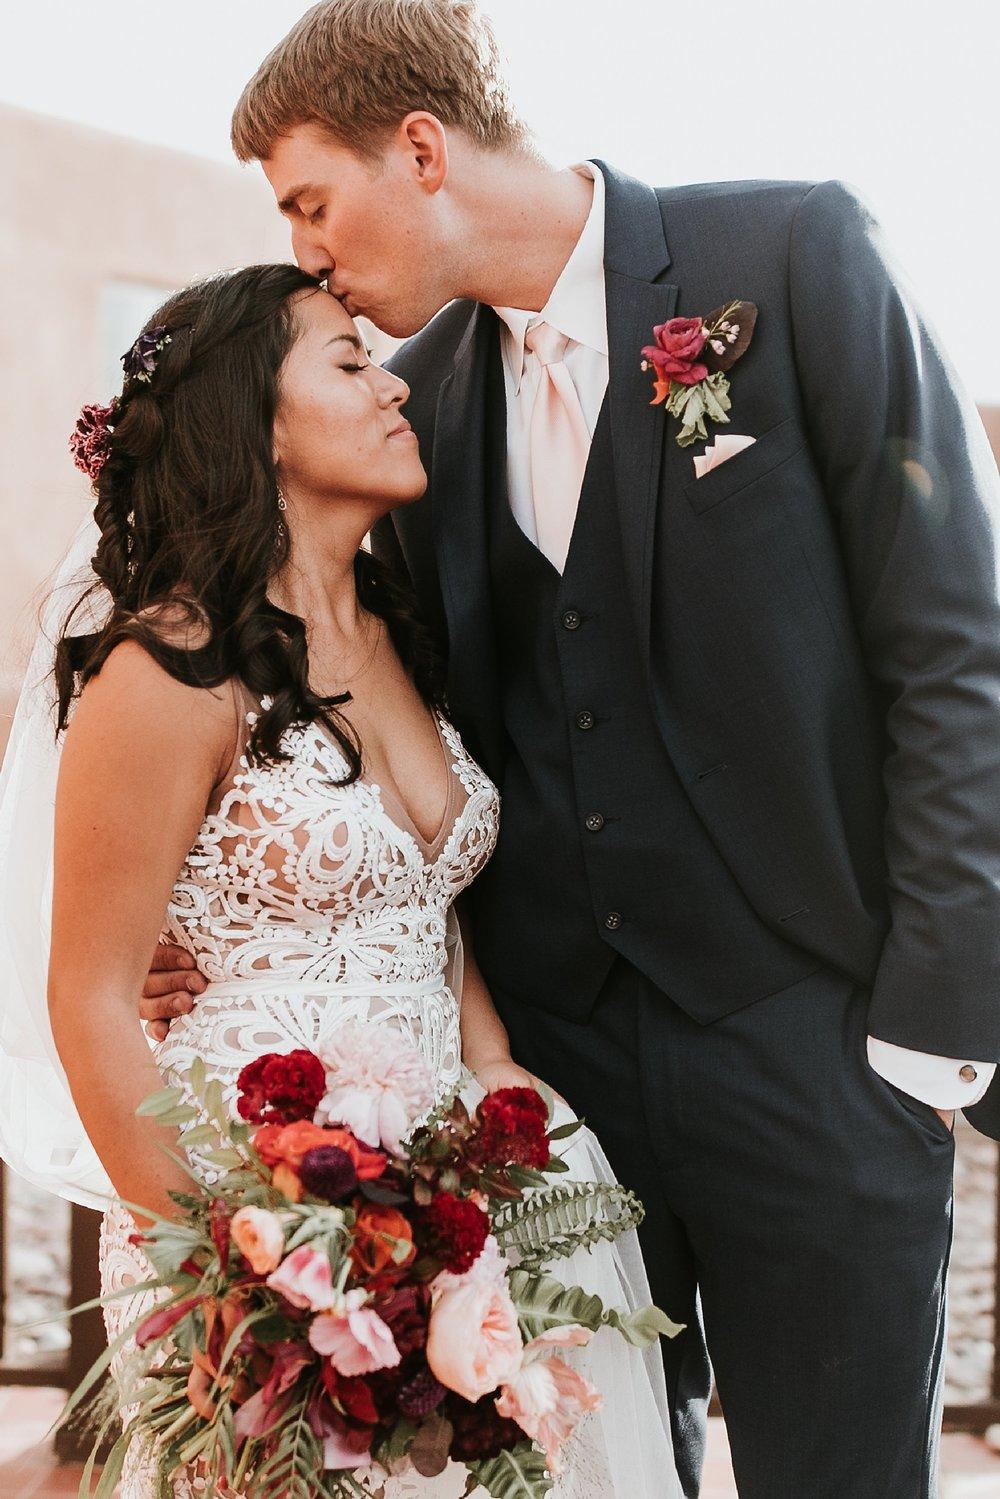 Alicia+lucia+photography+-+albuquerque+wedding+photographer+-+santa+fe+wedding+photography+-+new+mexico+wedding+photographer+-+new+mexico+wedding+-+santa+fe+wedding+-+albuquerque+wedding+-+bridal+hair_0044.jpg